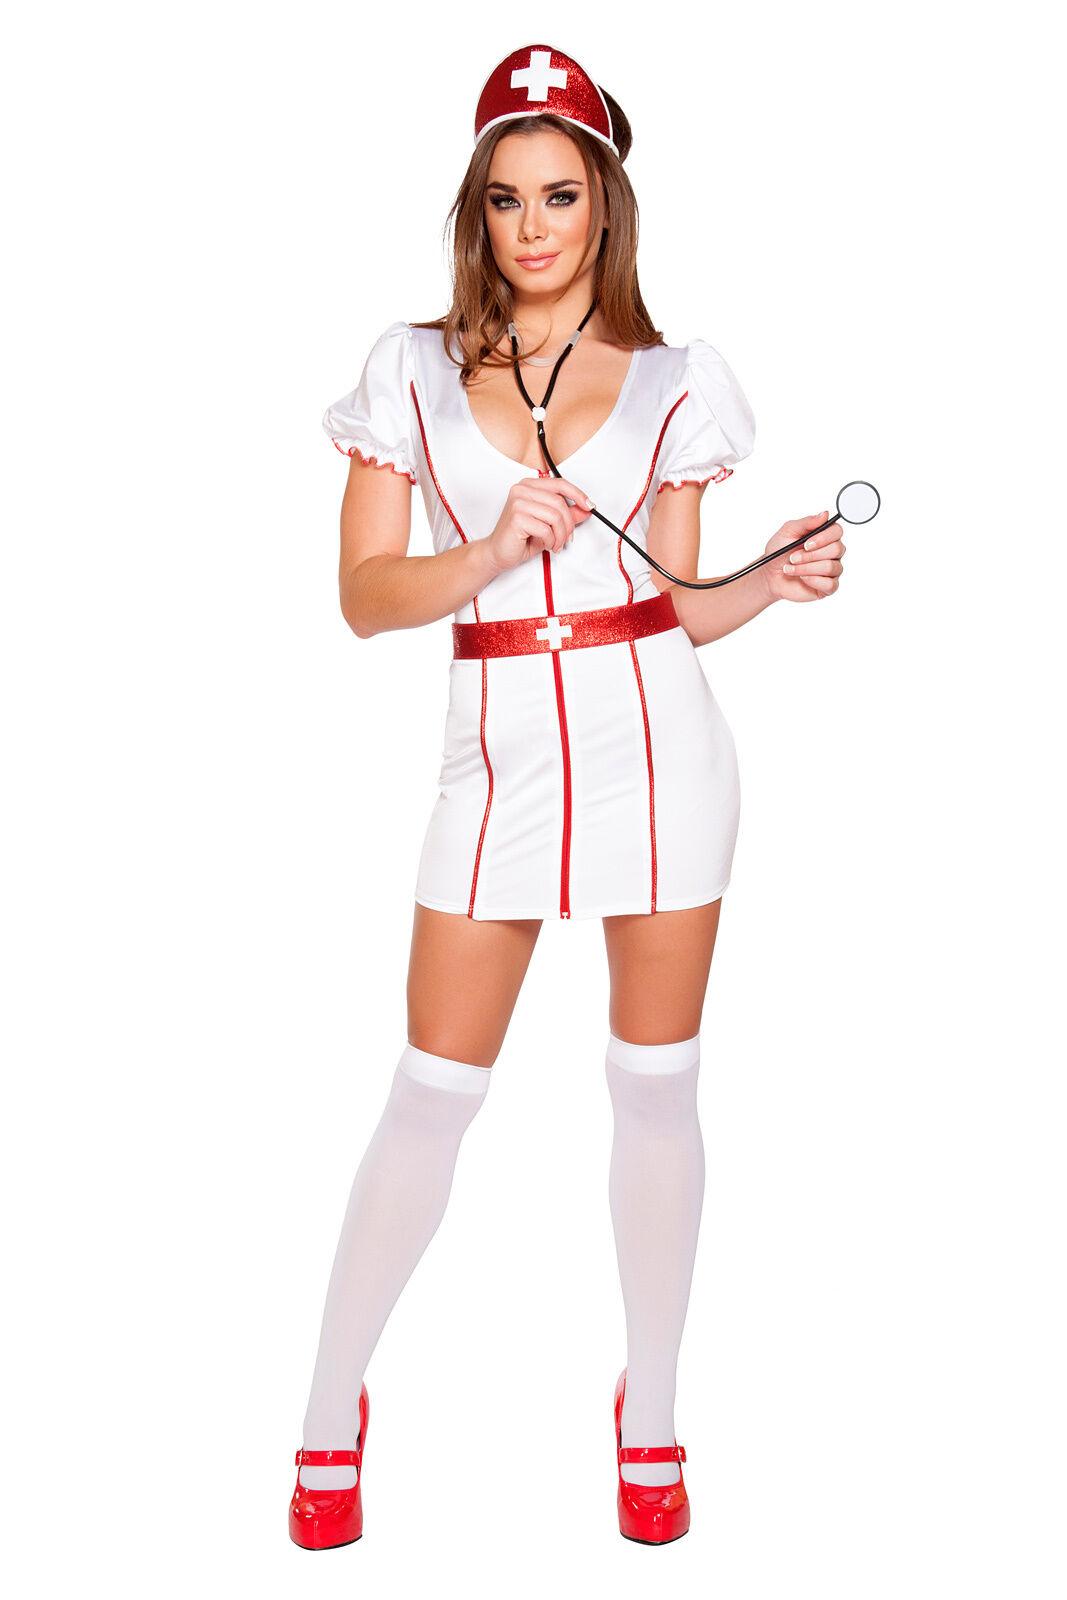 Infirmière Costume robe s/m M/L capot stéthoscope ceinture made in in in usa 100655